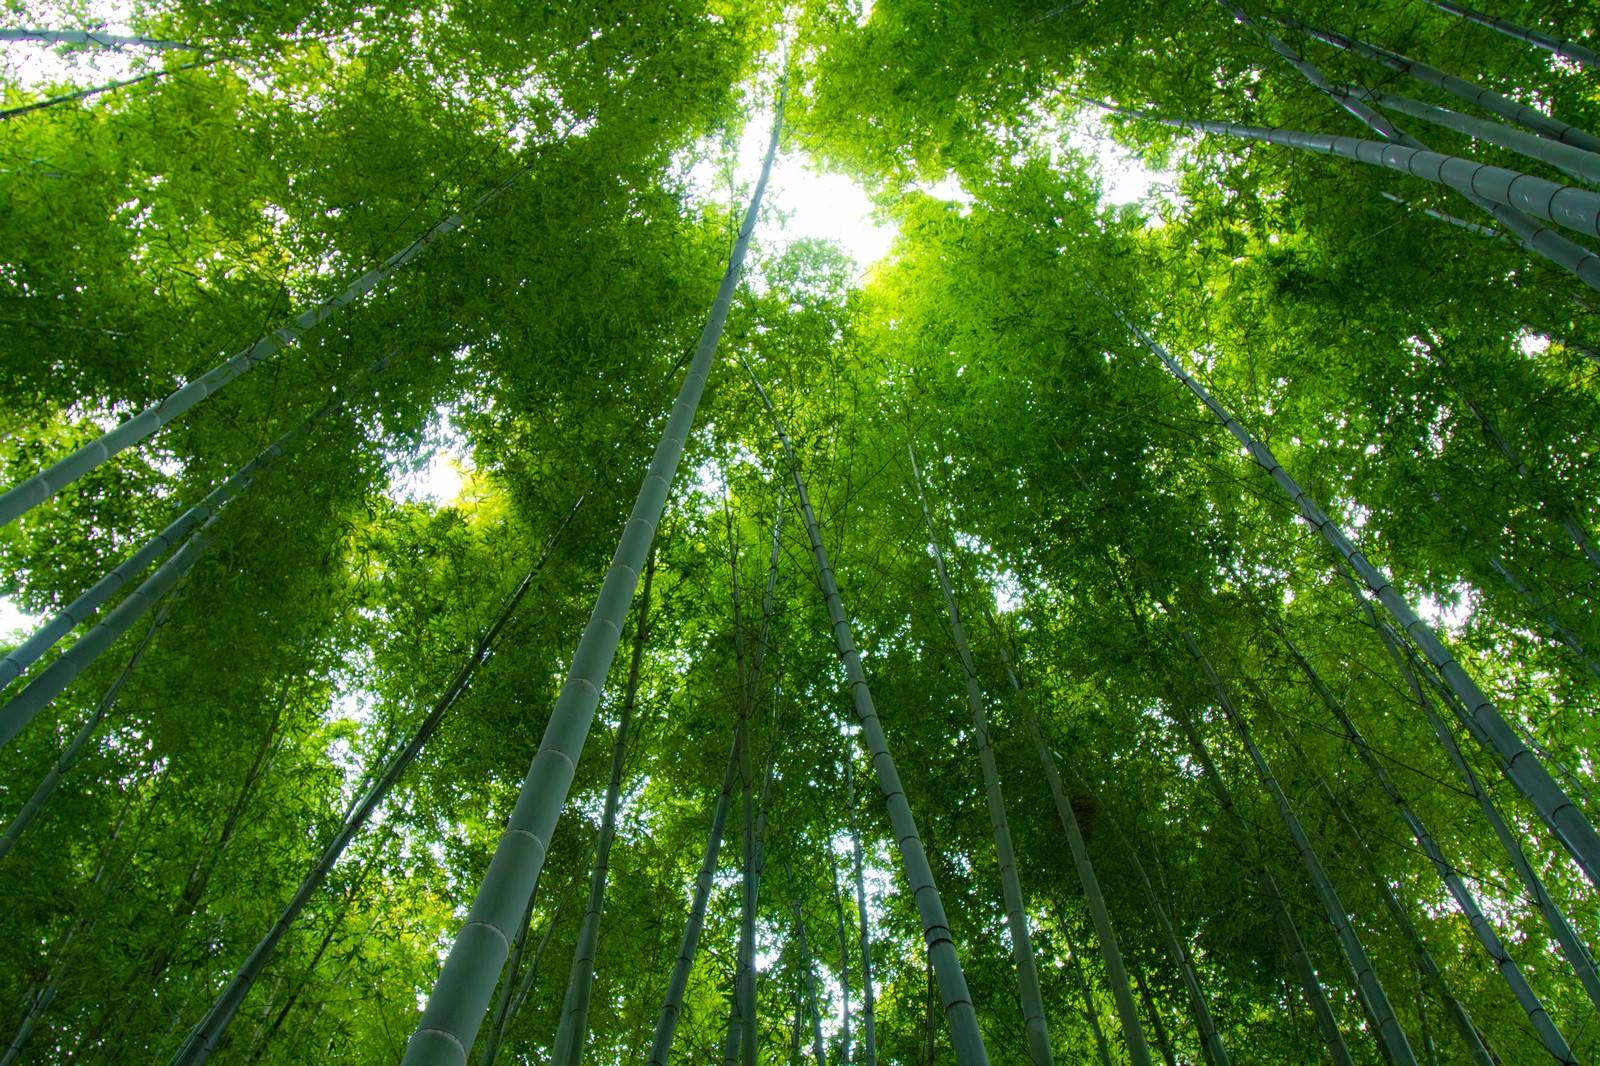 「見上げる緑の竹林見上げる緑の竹林」のフリー写真素材を拡大